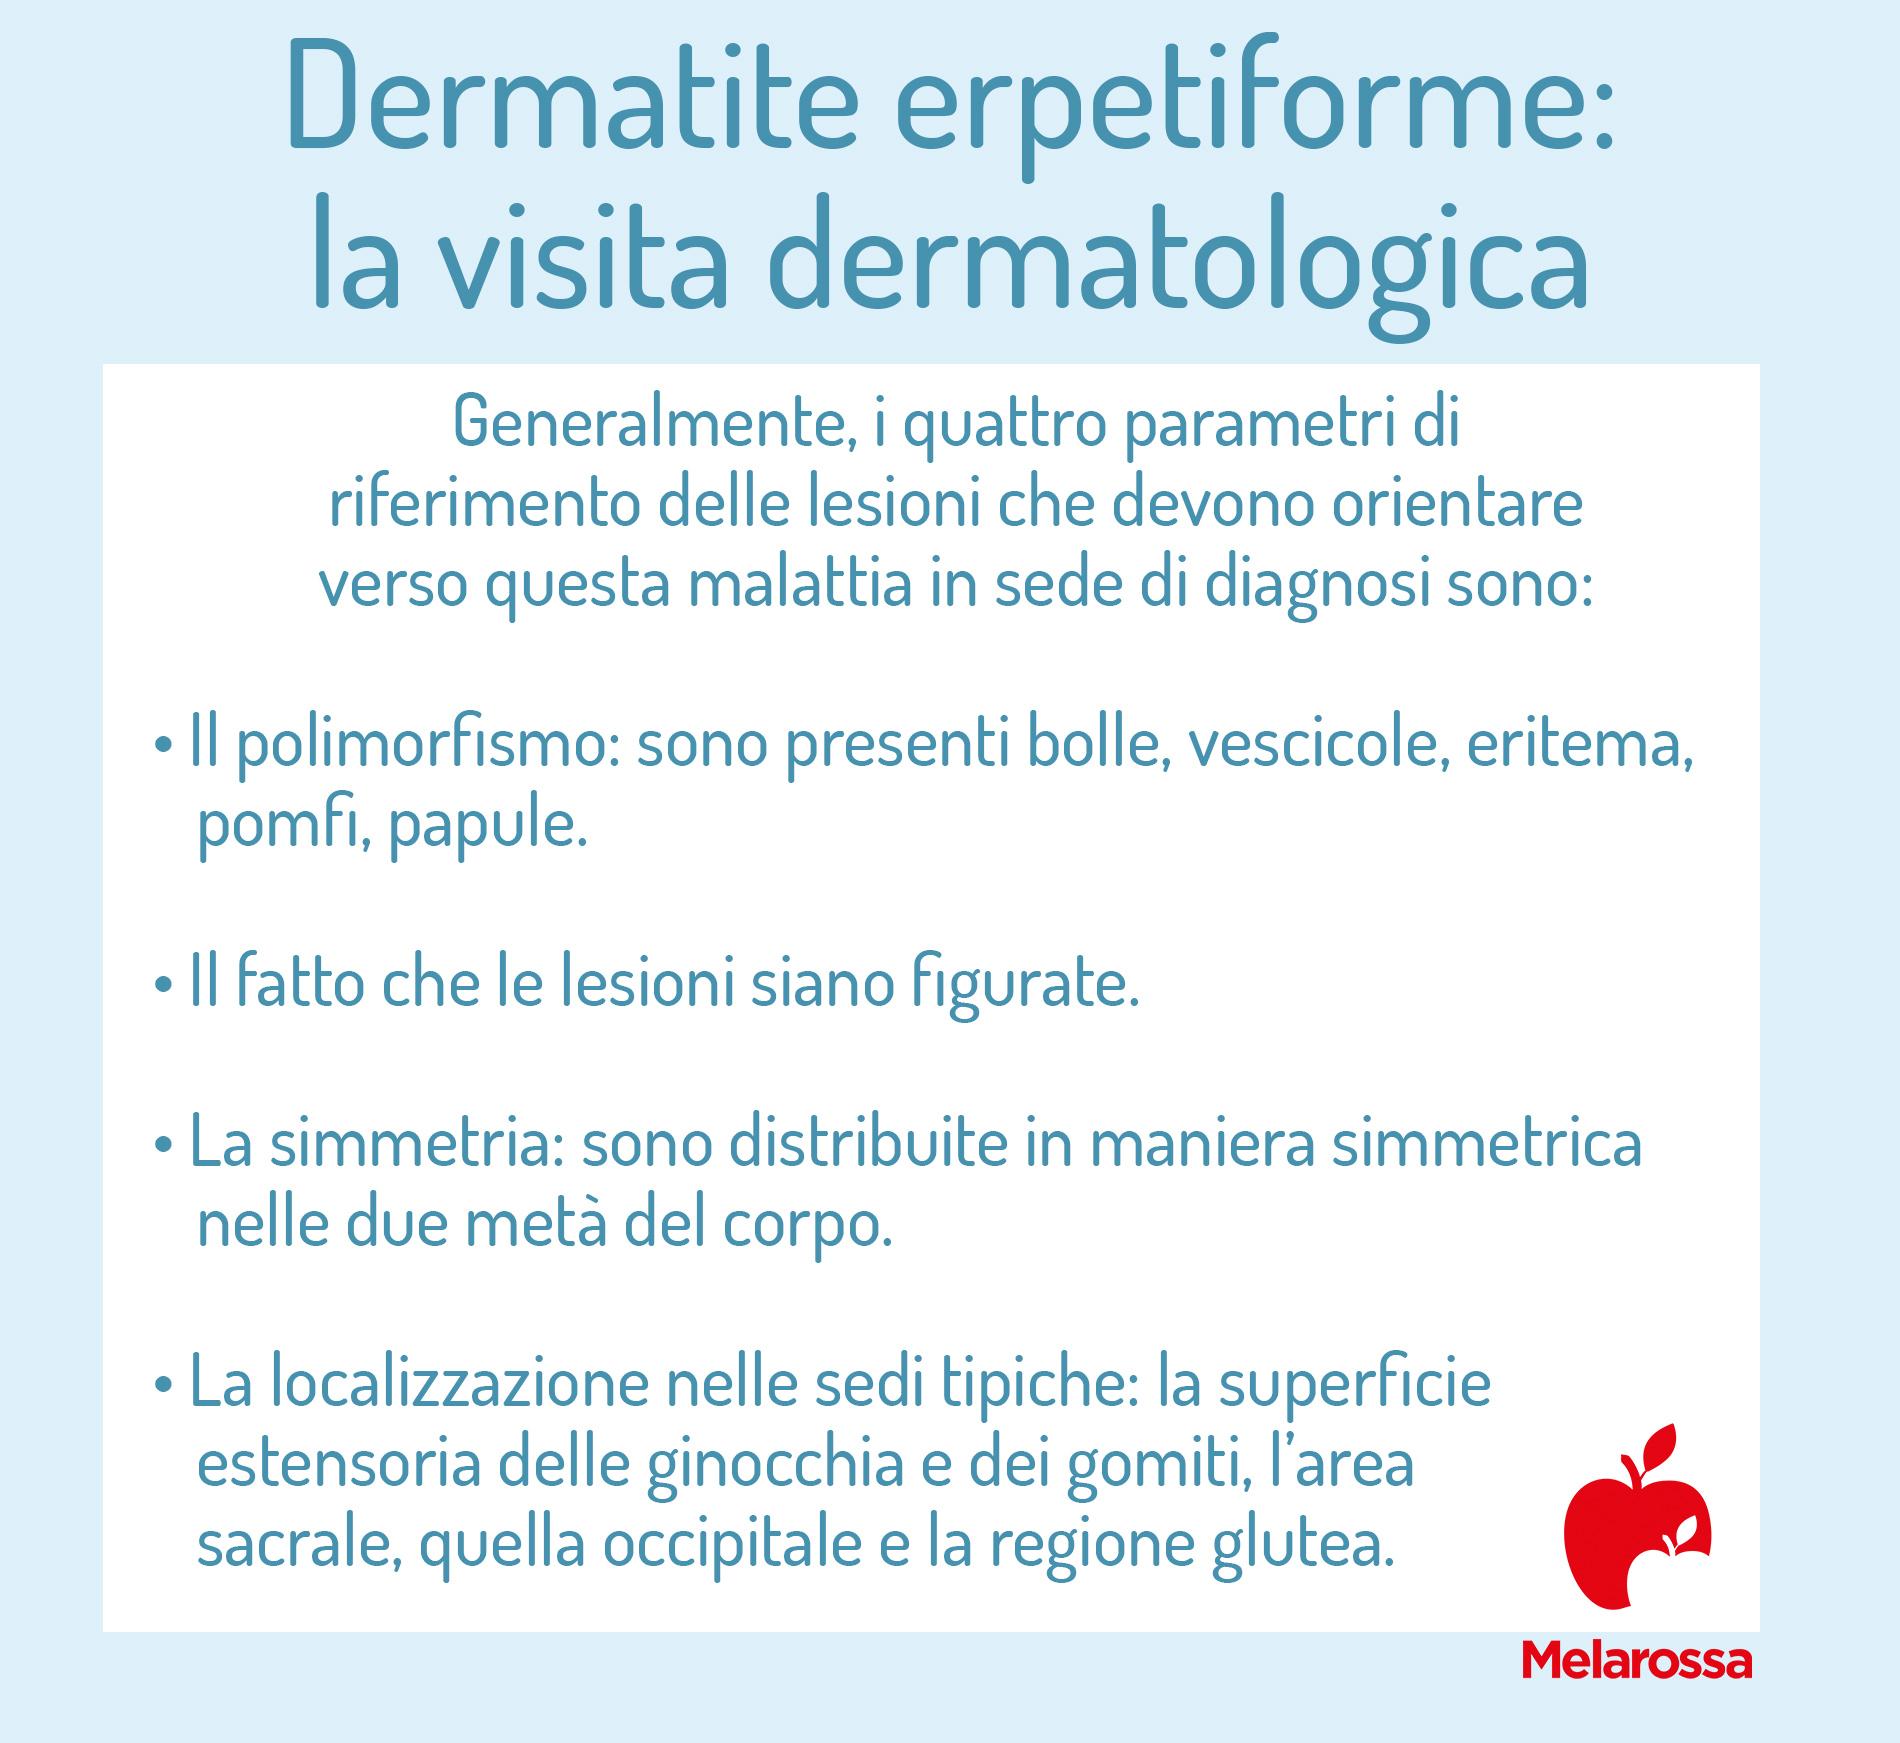 dermatite erpetiforme: visita dermatologica